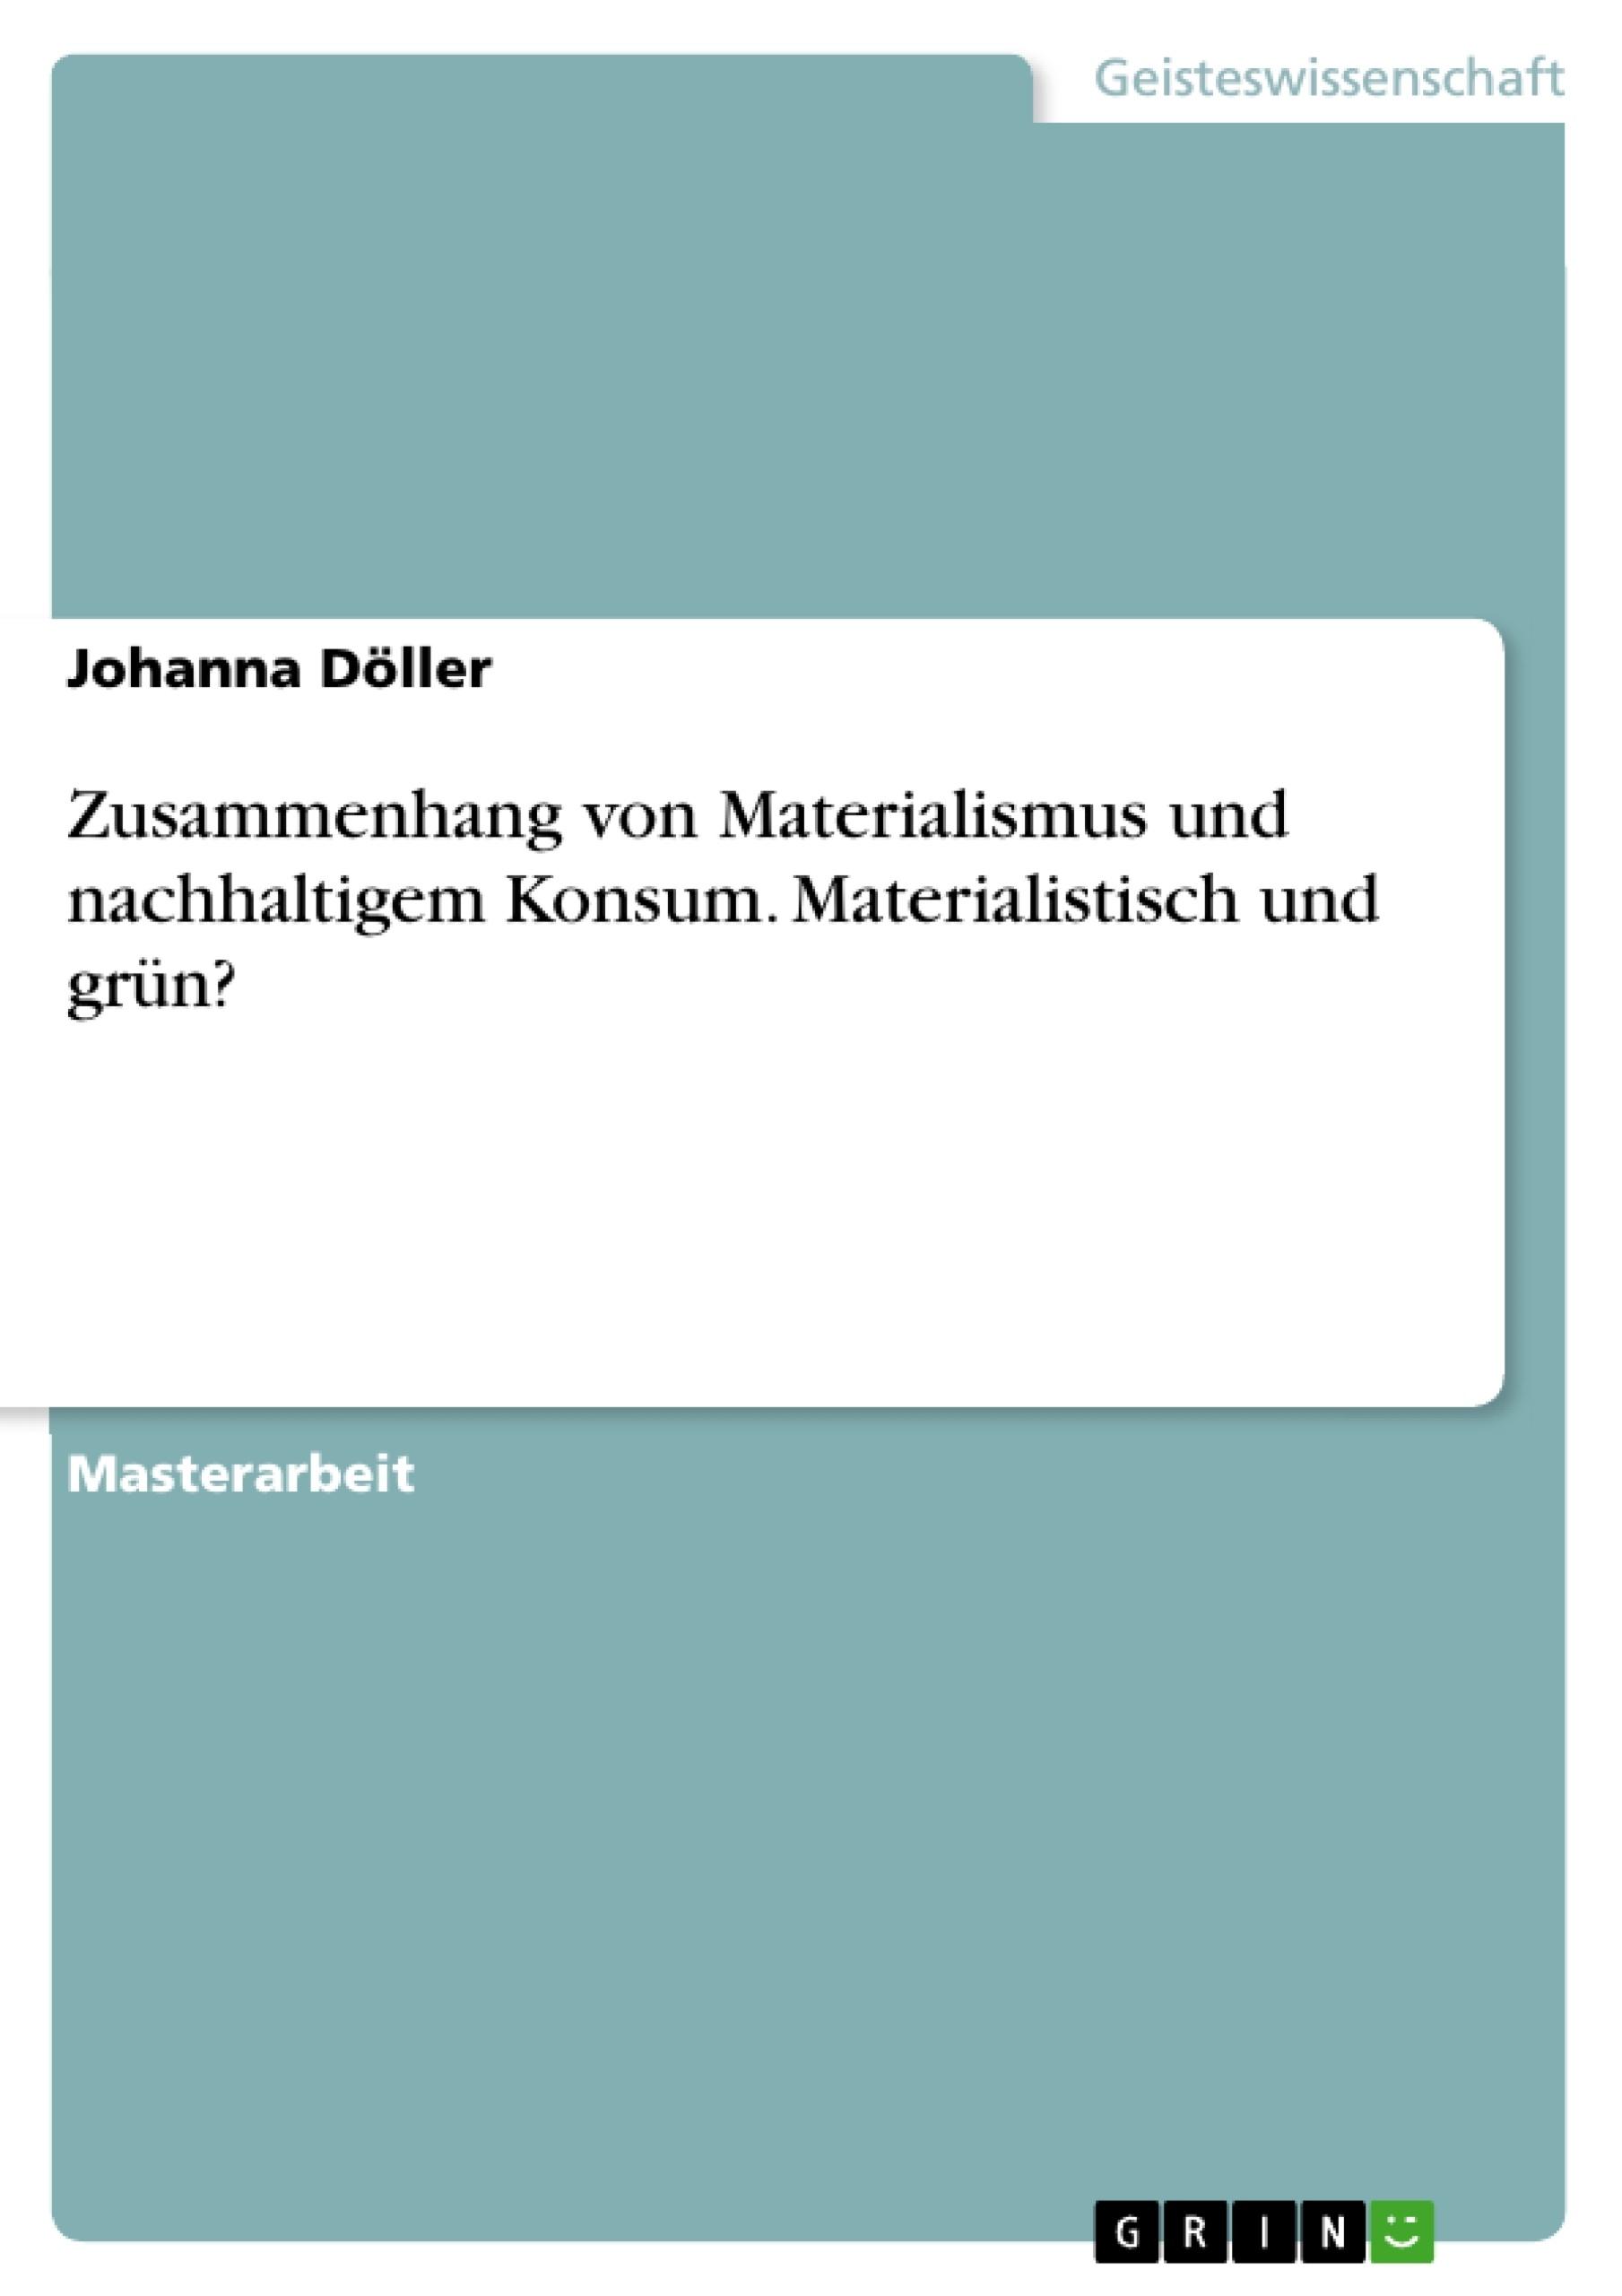 Titel: Zusammenhang von Materialismus und nachhaltigem Konsum. Materialistisch und grün?